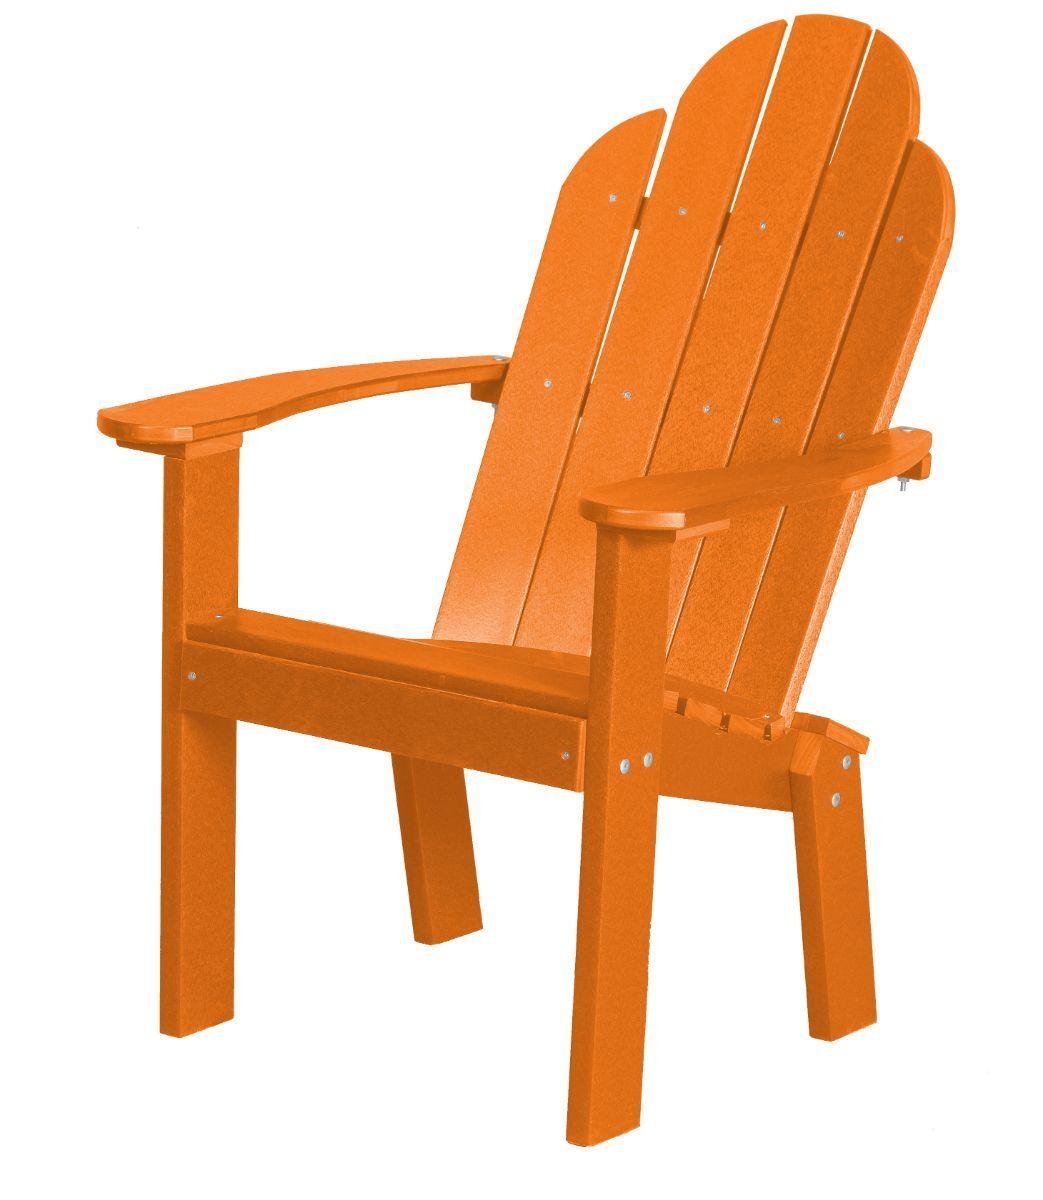 Bright Orange Odessa Outdoor Dining Chair